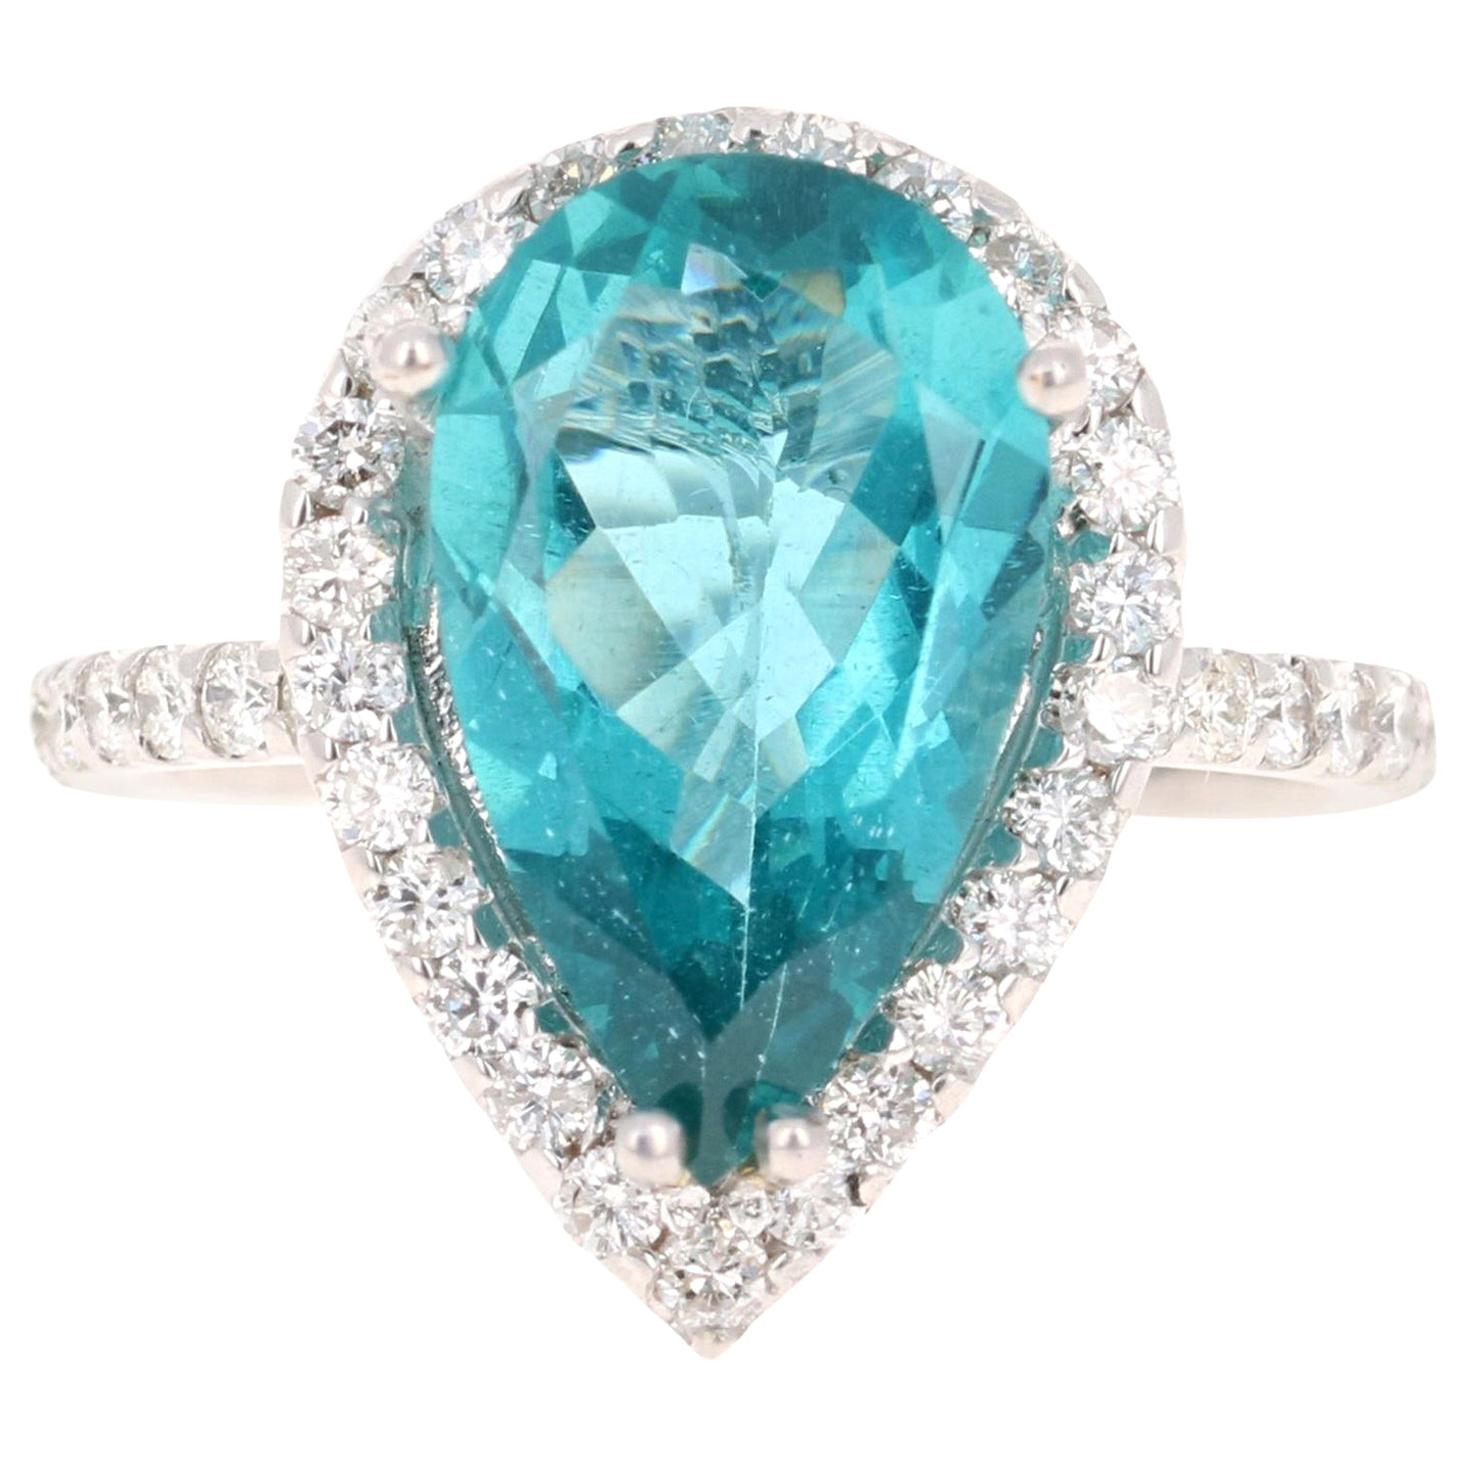 5.07 Carat Apatite Diamond Ring 14 Karat White Gold Cocktail Ring